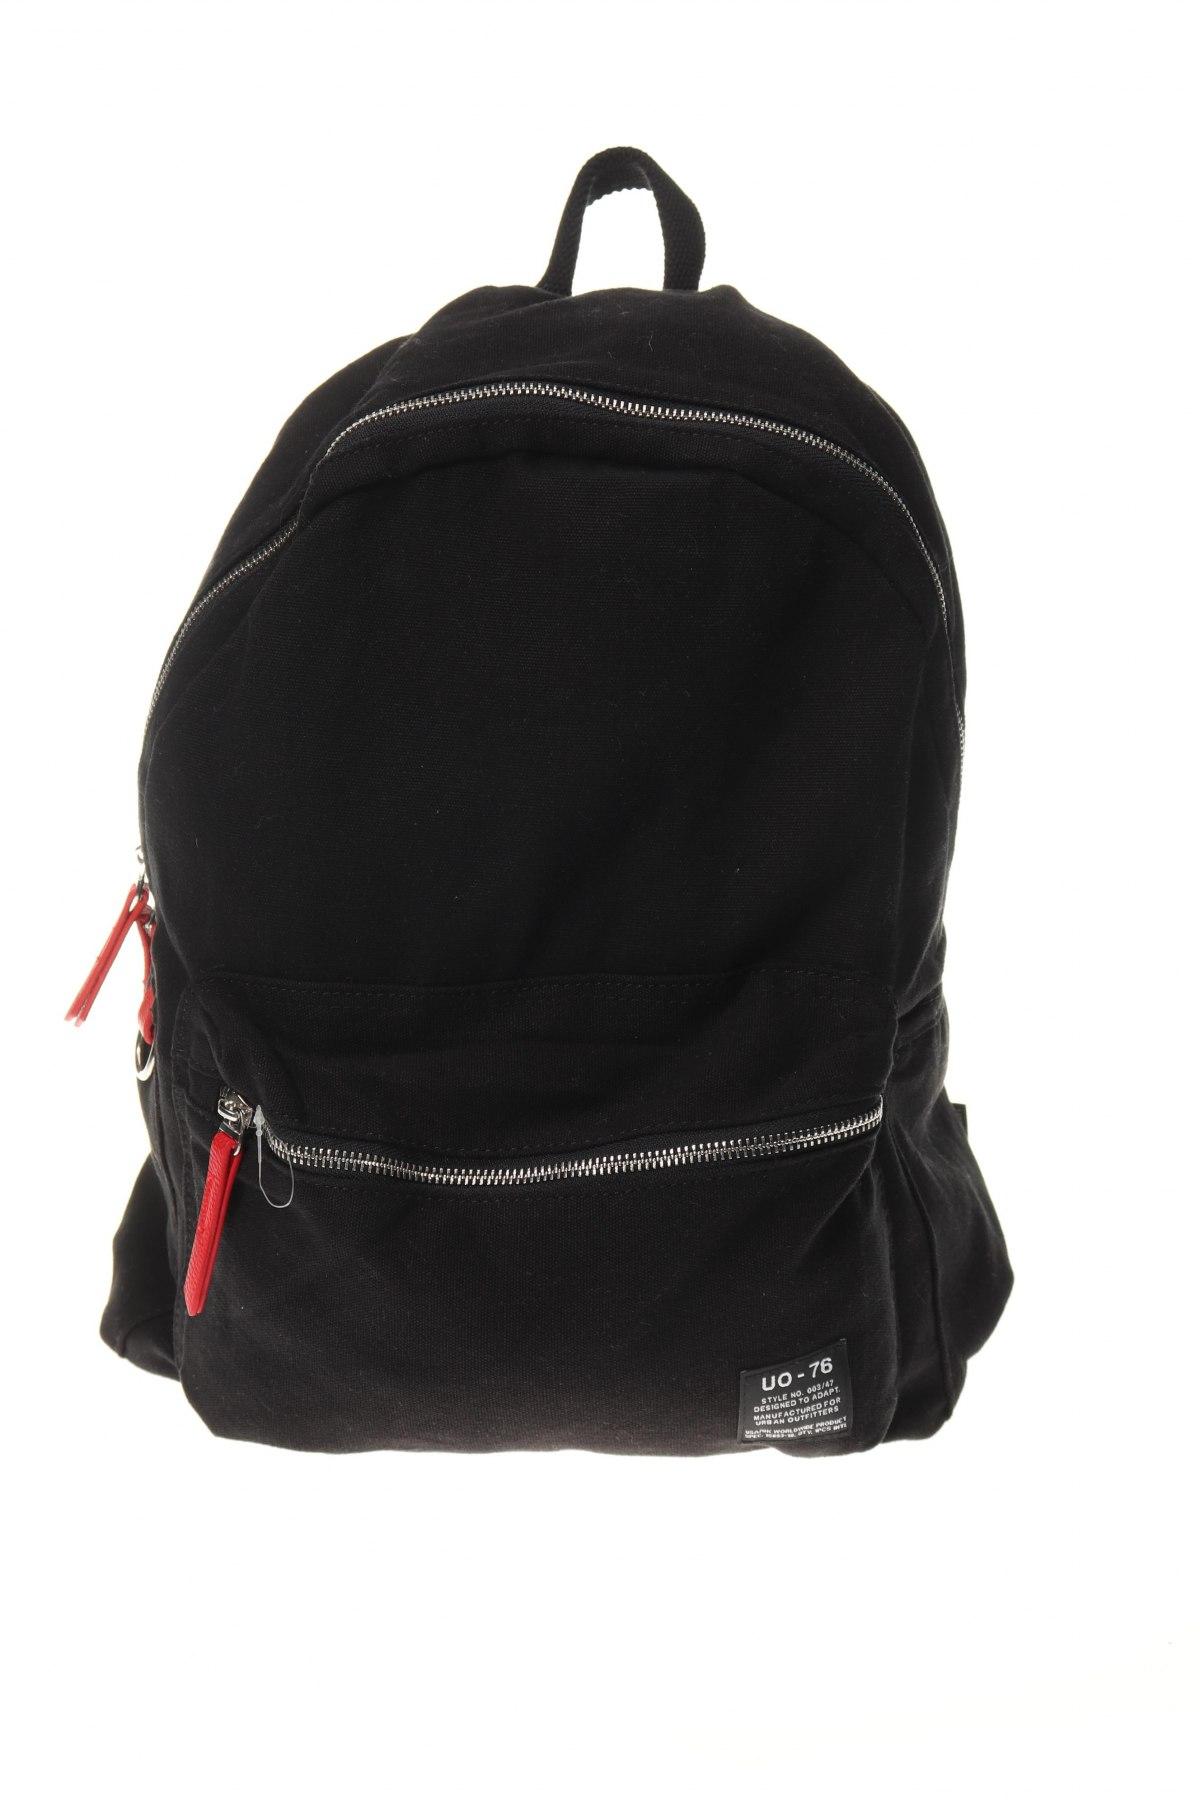 Σακίδιο πλάτης Urban Outfitters, Χρώμα Μαύρο, Κλωστοϋφαντουργικά προϊόντα, Τιμή 32,48€